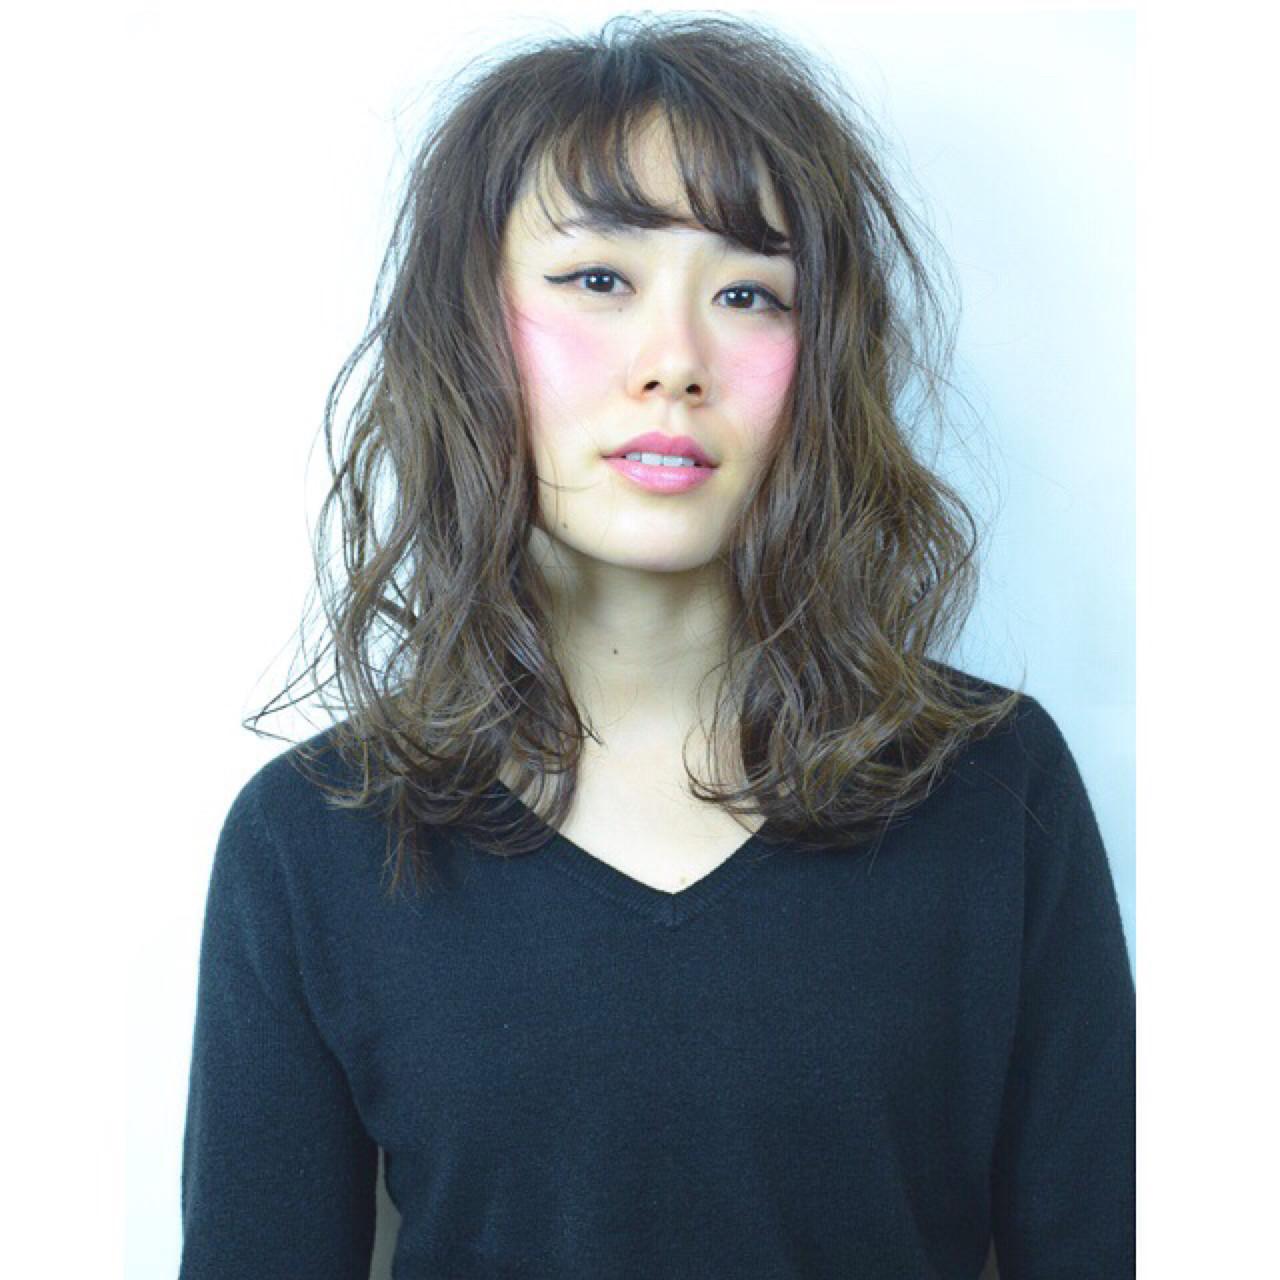 セミロング ナチュラル アッシュ 透明感 ヘアスタイルや髪型の写真・画像